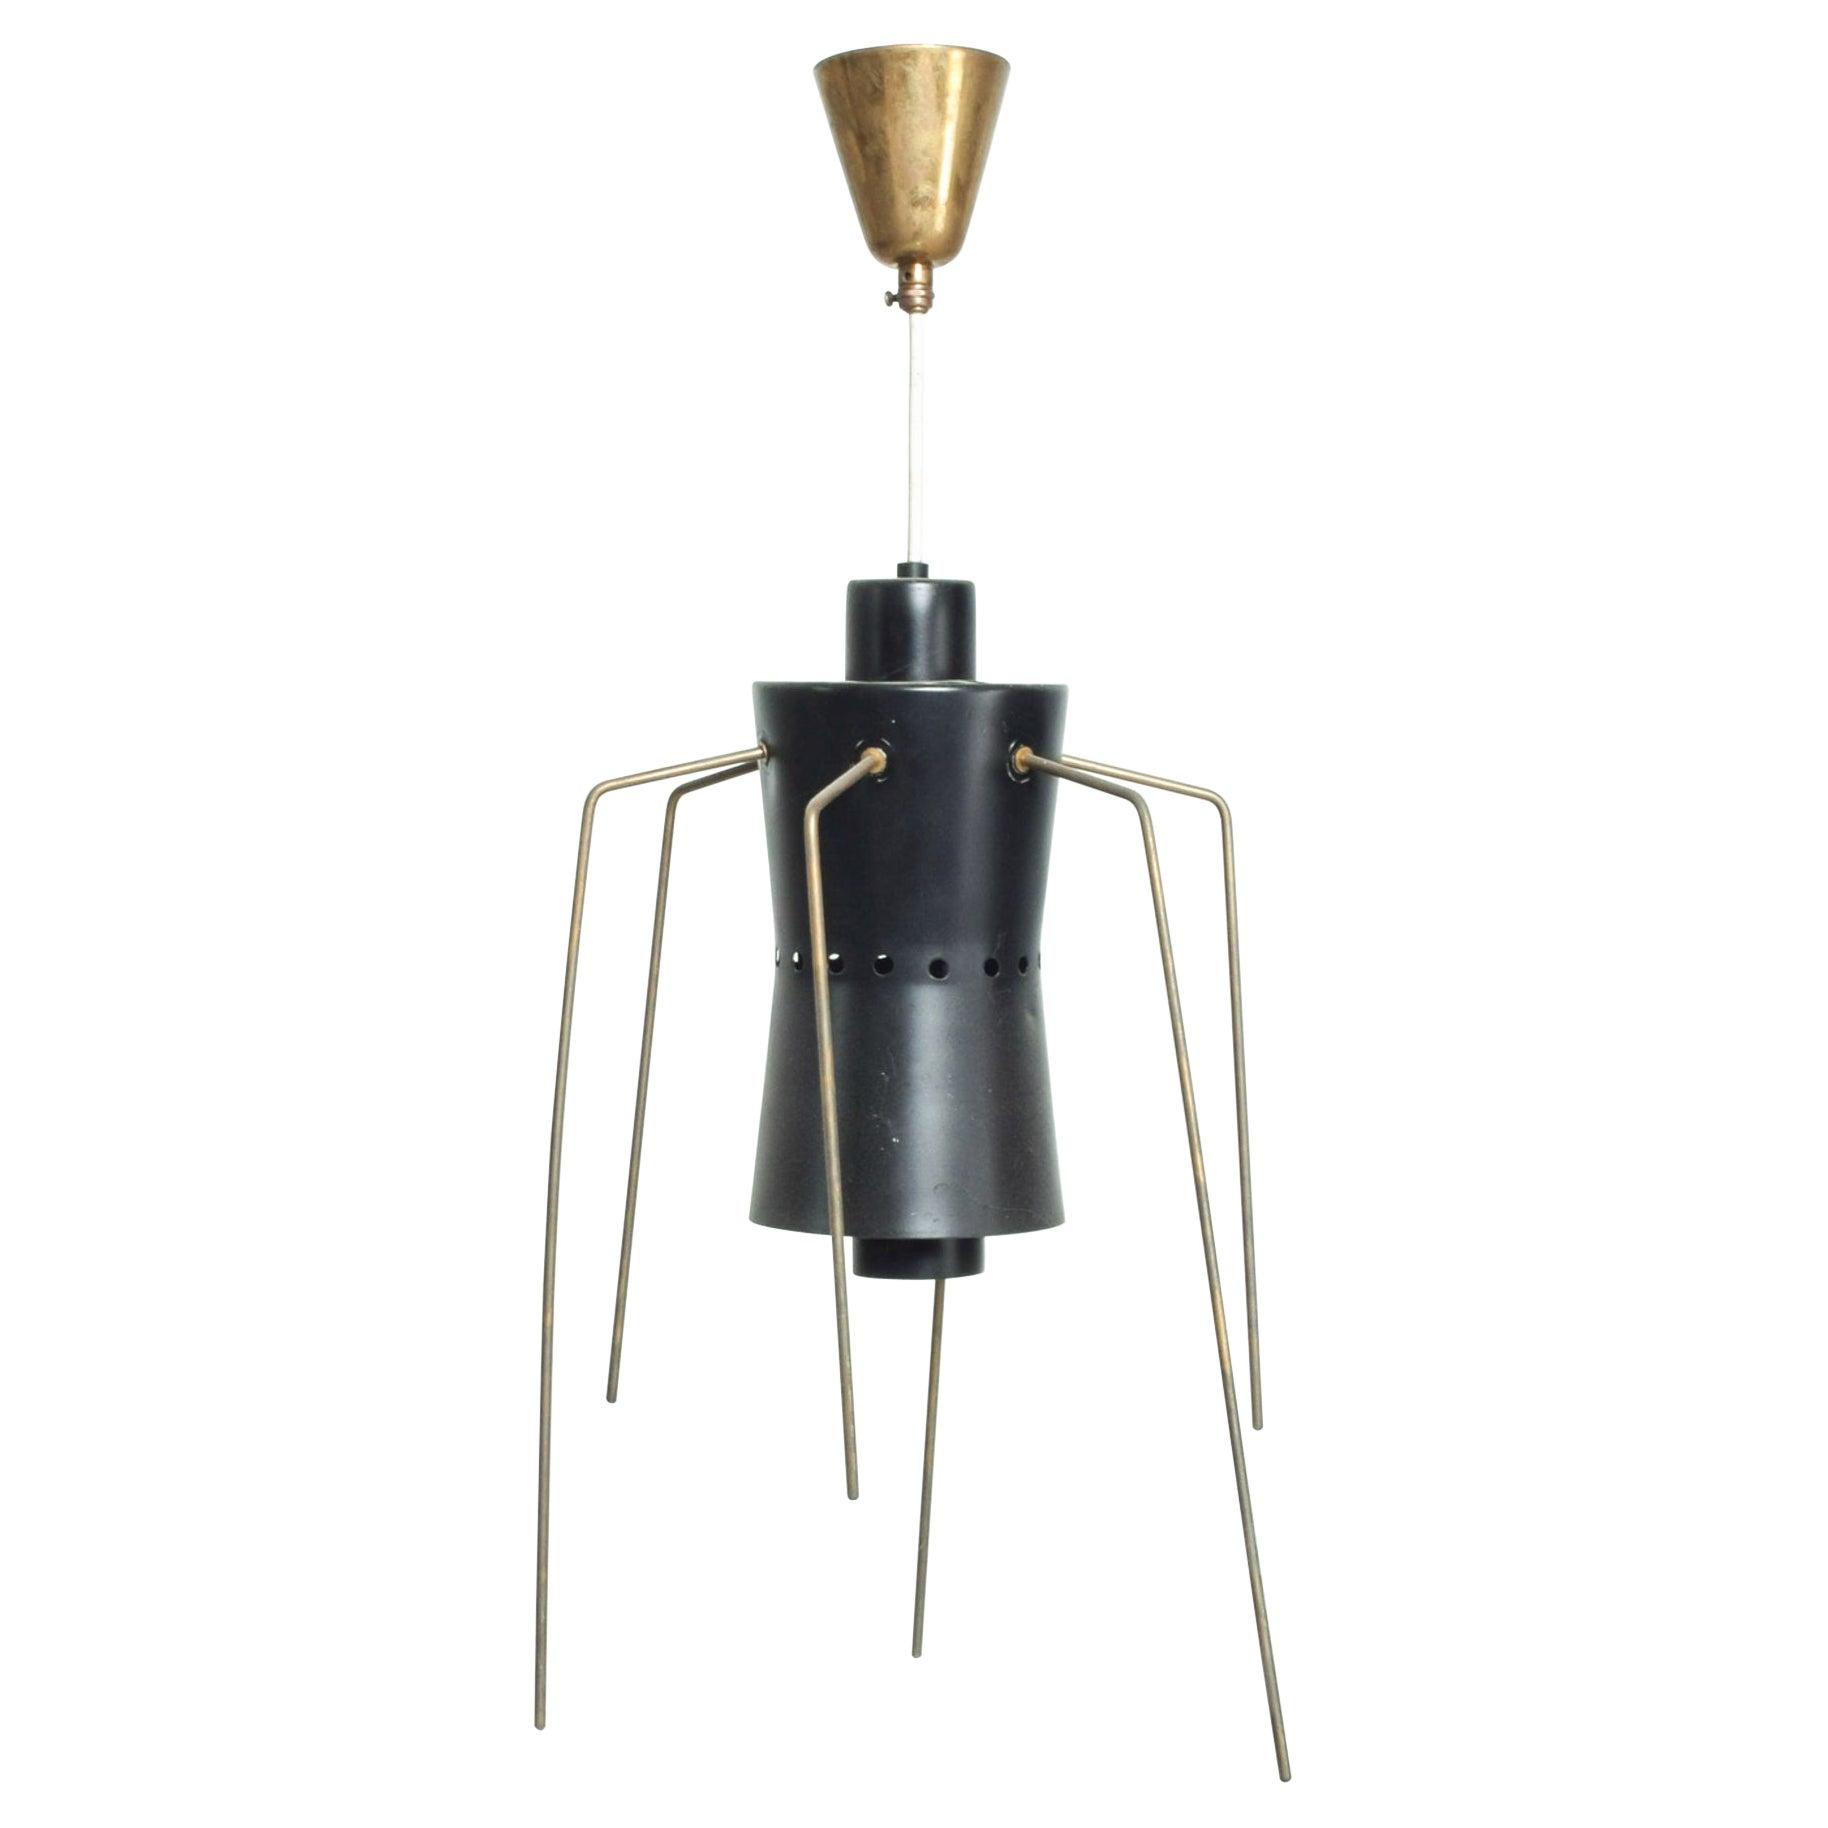 Black Spider Brass Legs Chandelier Pendant Light from Italy 1950s Stilnovo